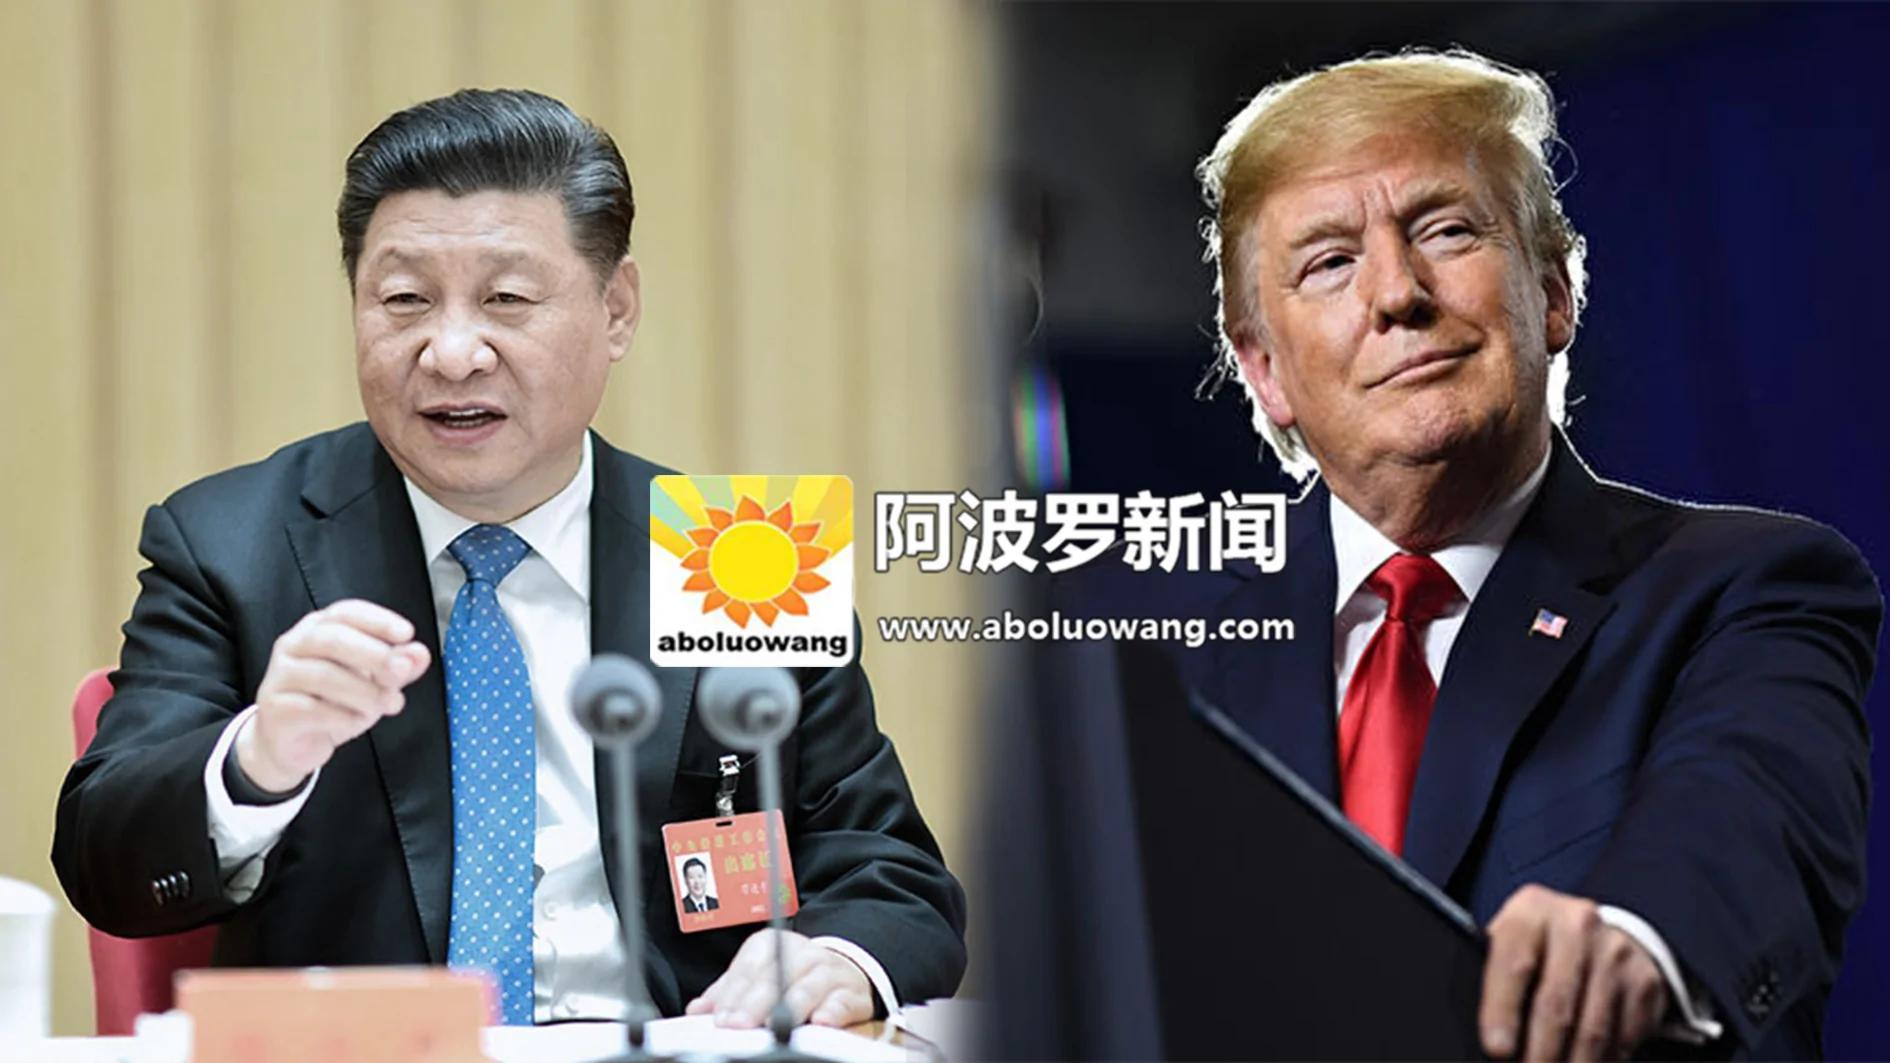 貿易戰 中南海看到新希望 川普就此軟化 北京這樣跳下去